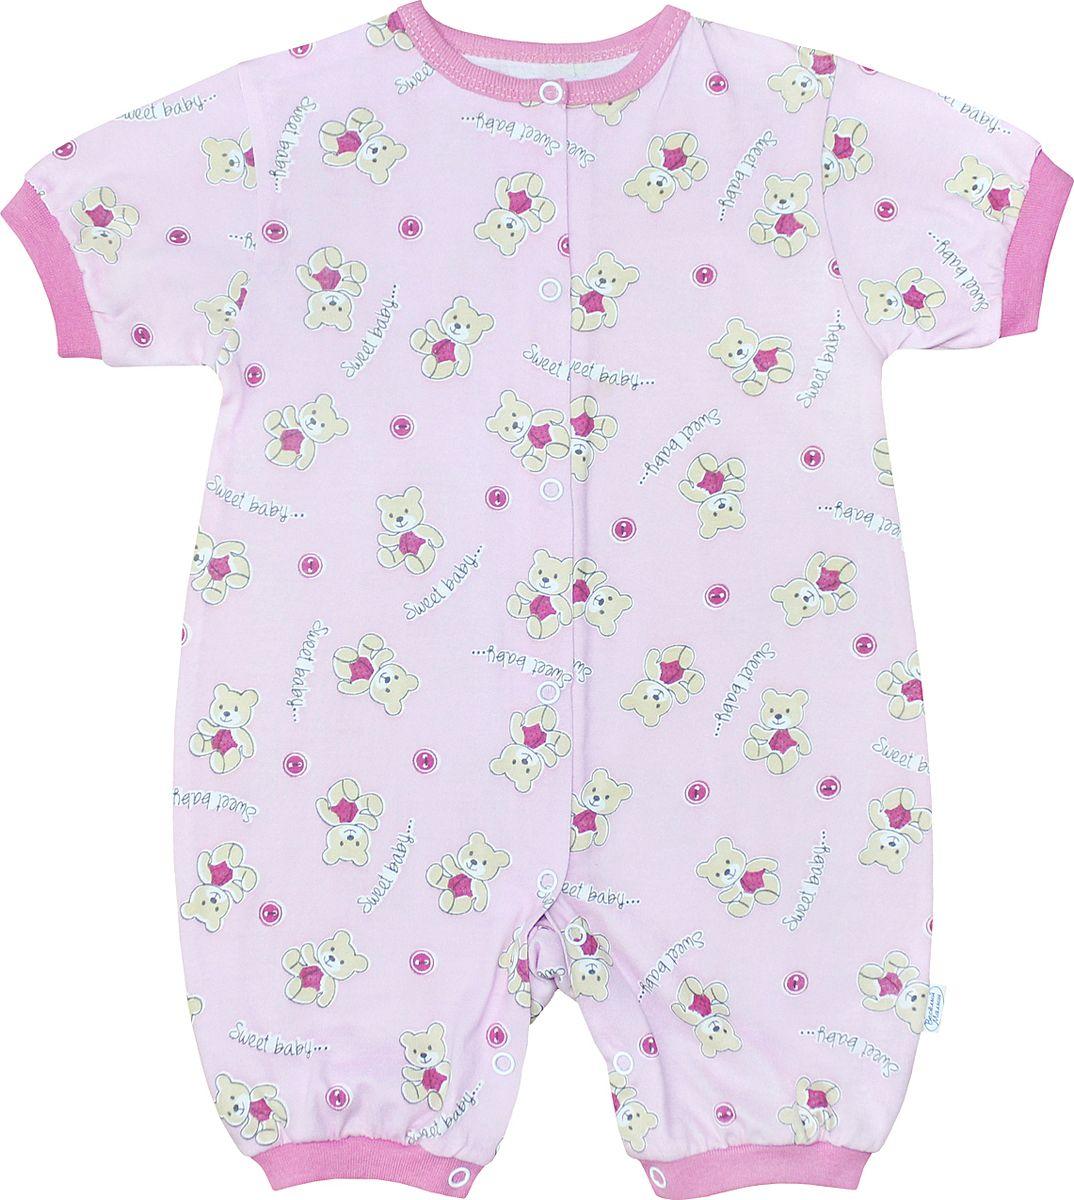 Песочник для девочки Веселый малыш One, цвет: розовый. 52172/one-E (1)_милый мишка. Размер 80 веселый малыш песочник спелая вишня 52322